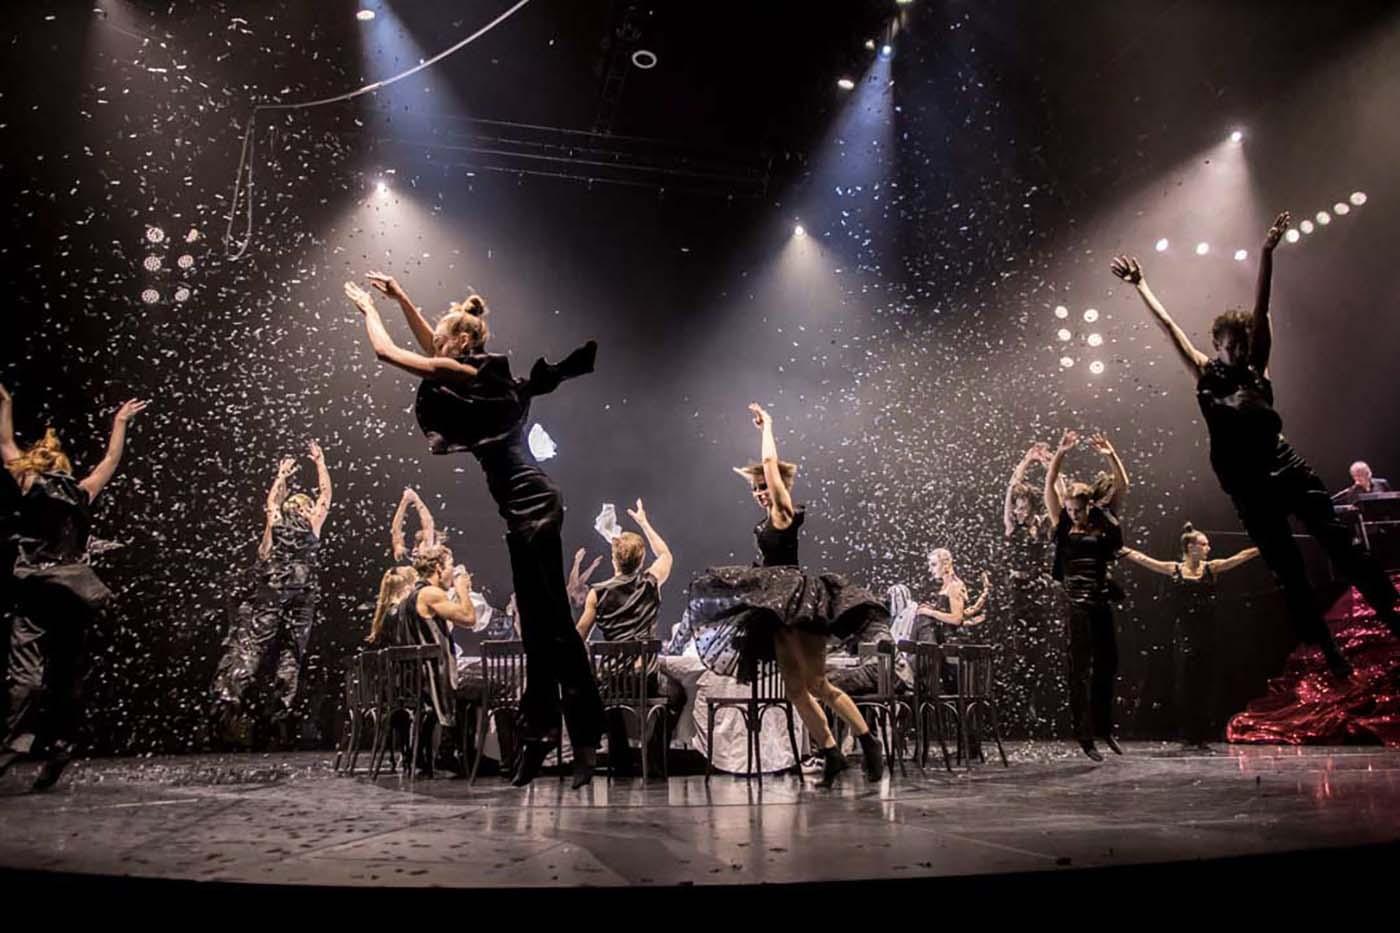 Ting-by-Scapino-Ballet-de-Nits-en-Codarts-Circus-zo-25-sept-2016 50